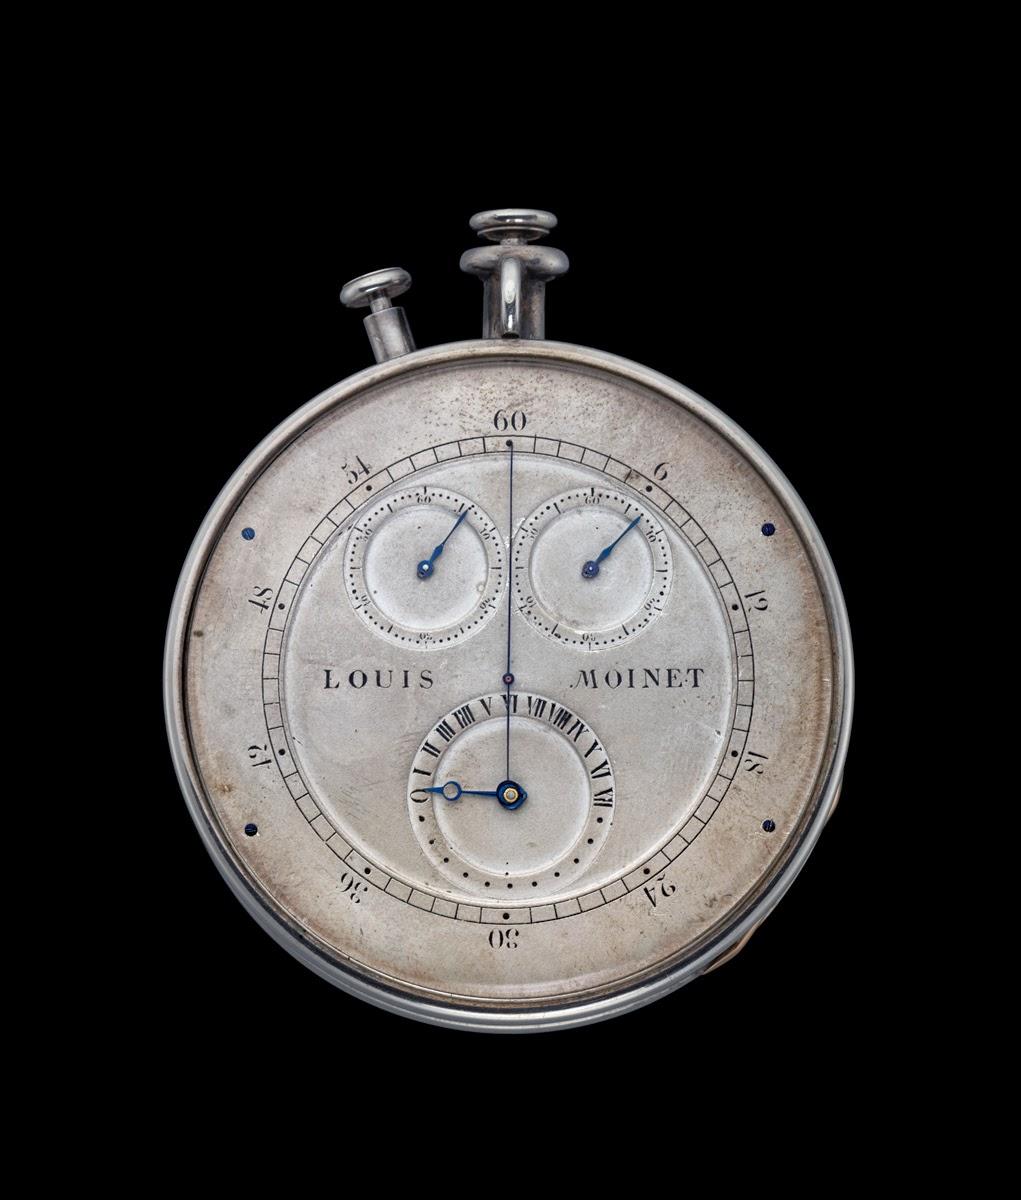 Louis Moinet debajo del reloj10